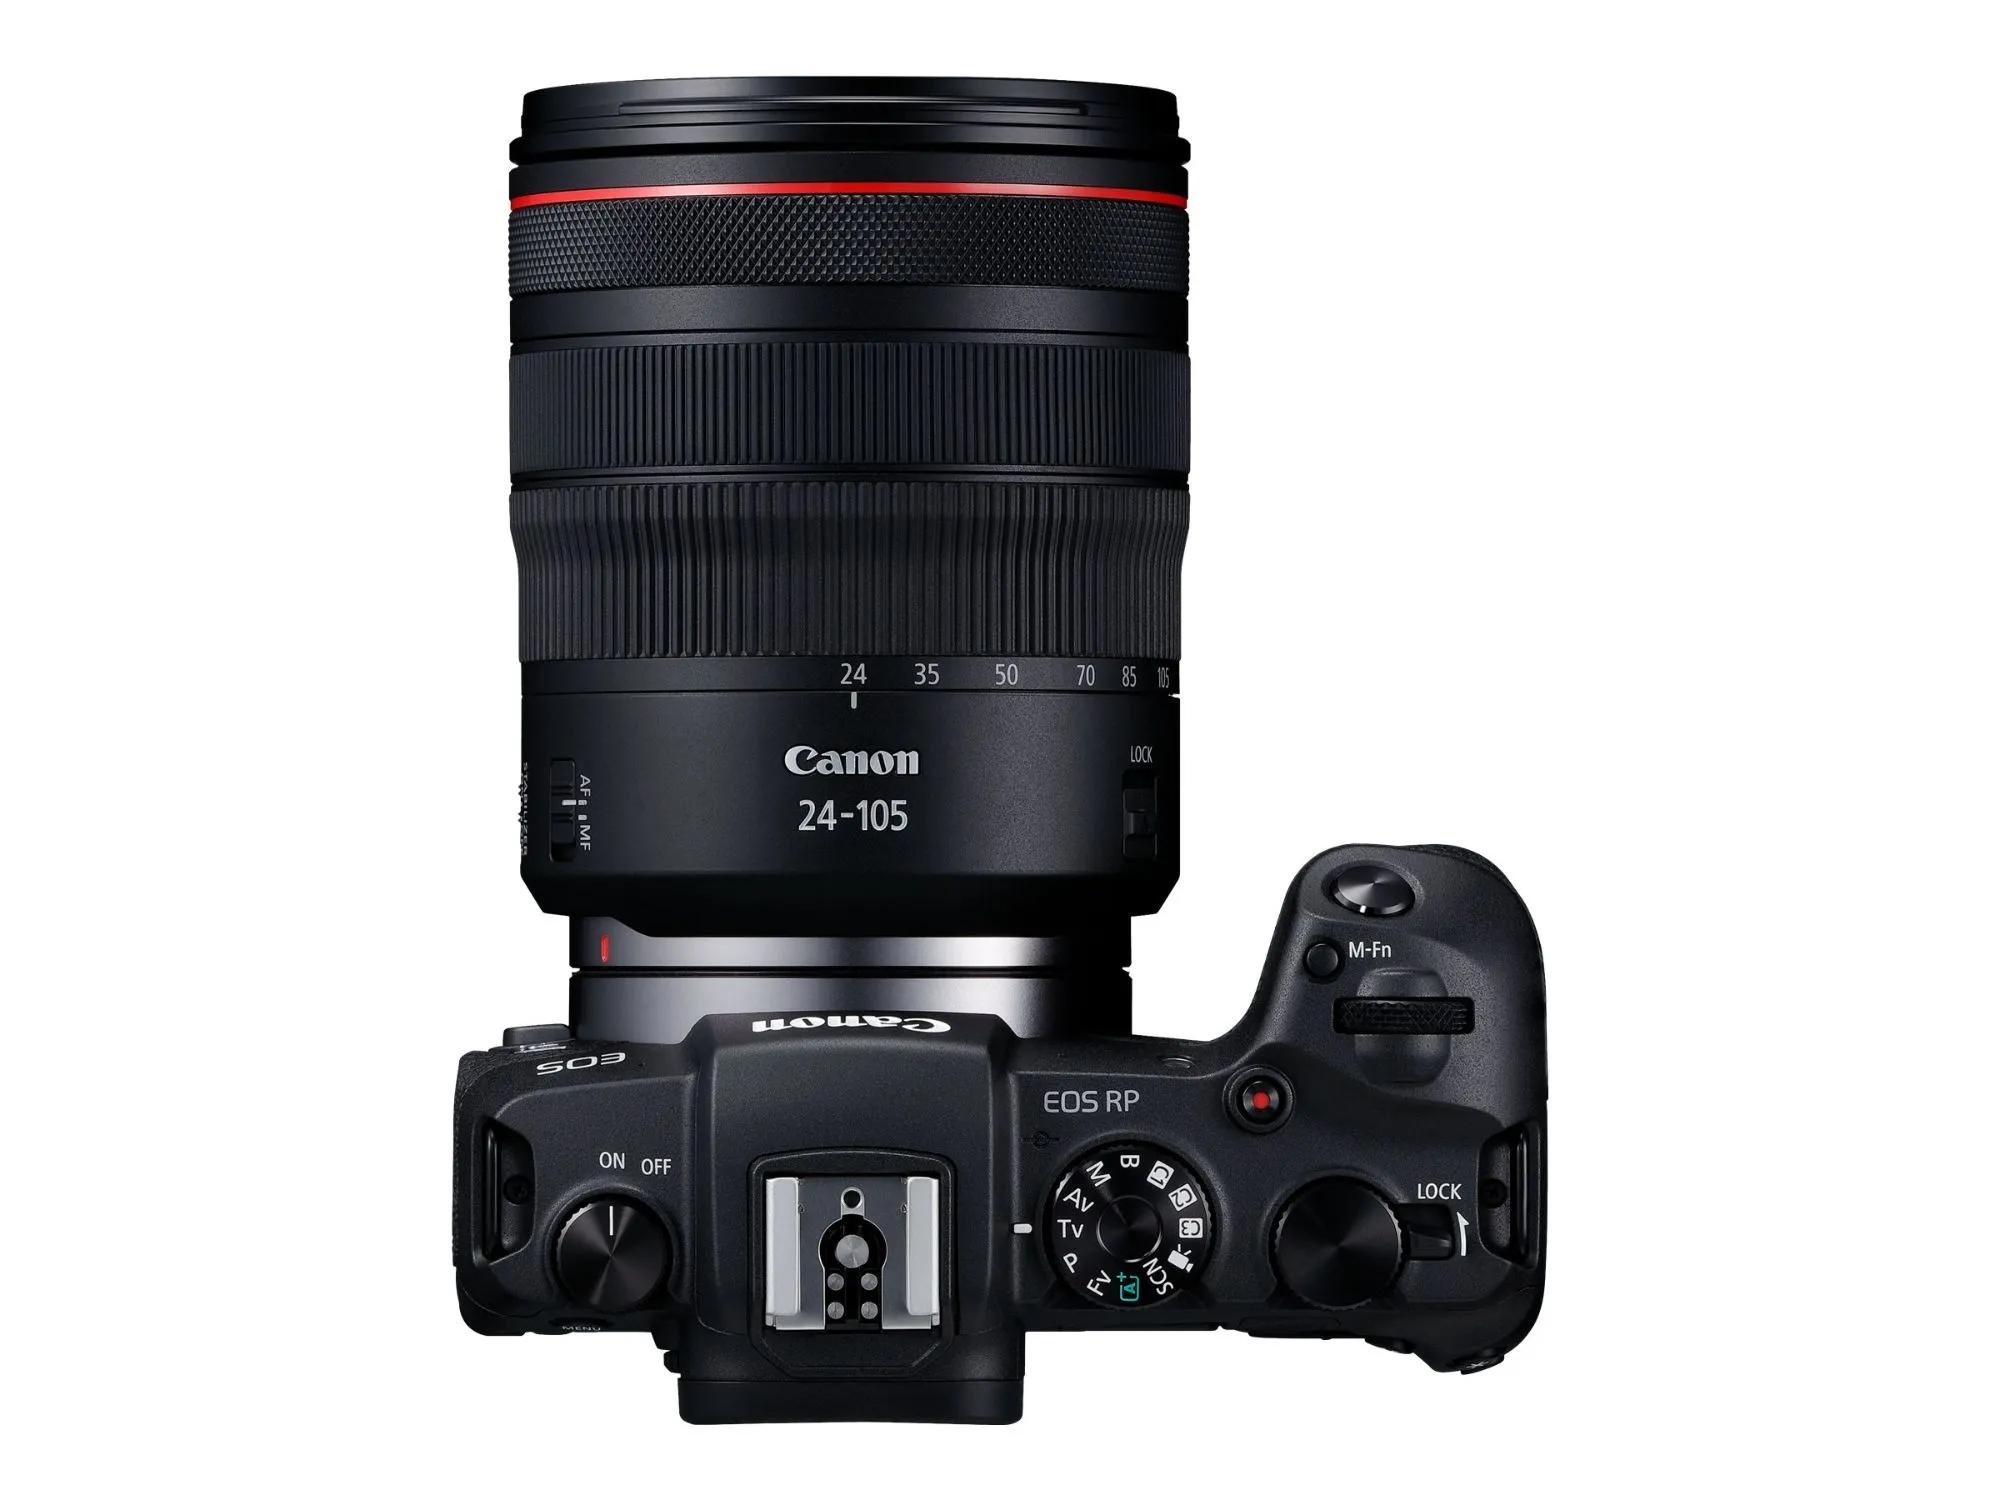 Appareil photo Canon EOS RP + Objectif RF 24-105mm F4 L IS USM (+85,06€ en SuperPoints)